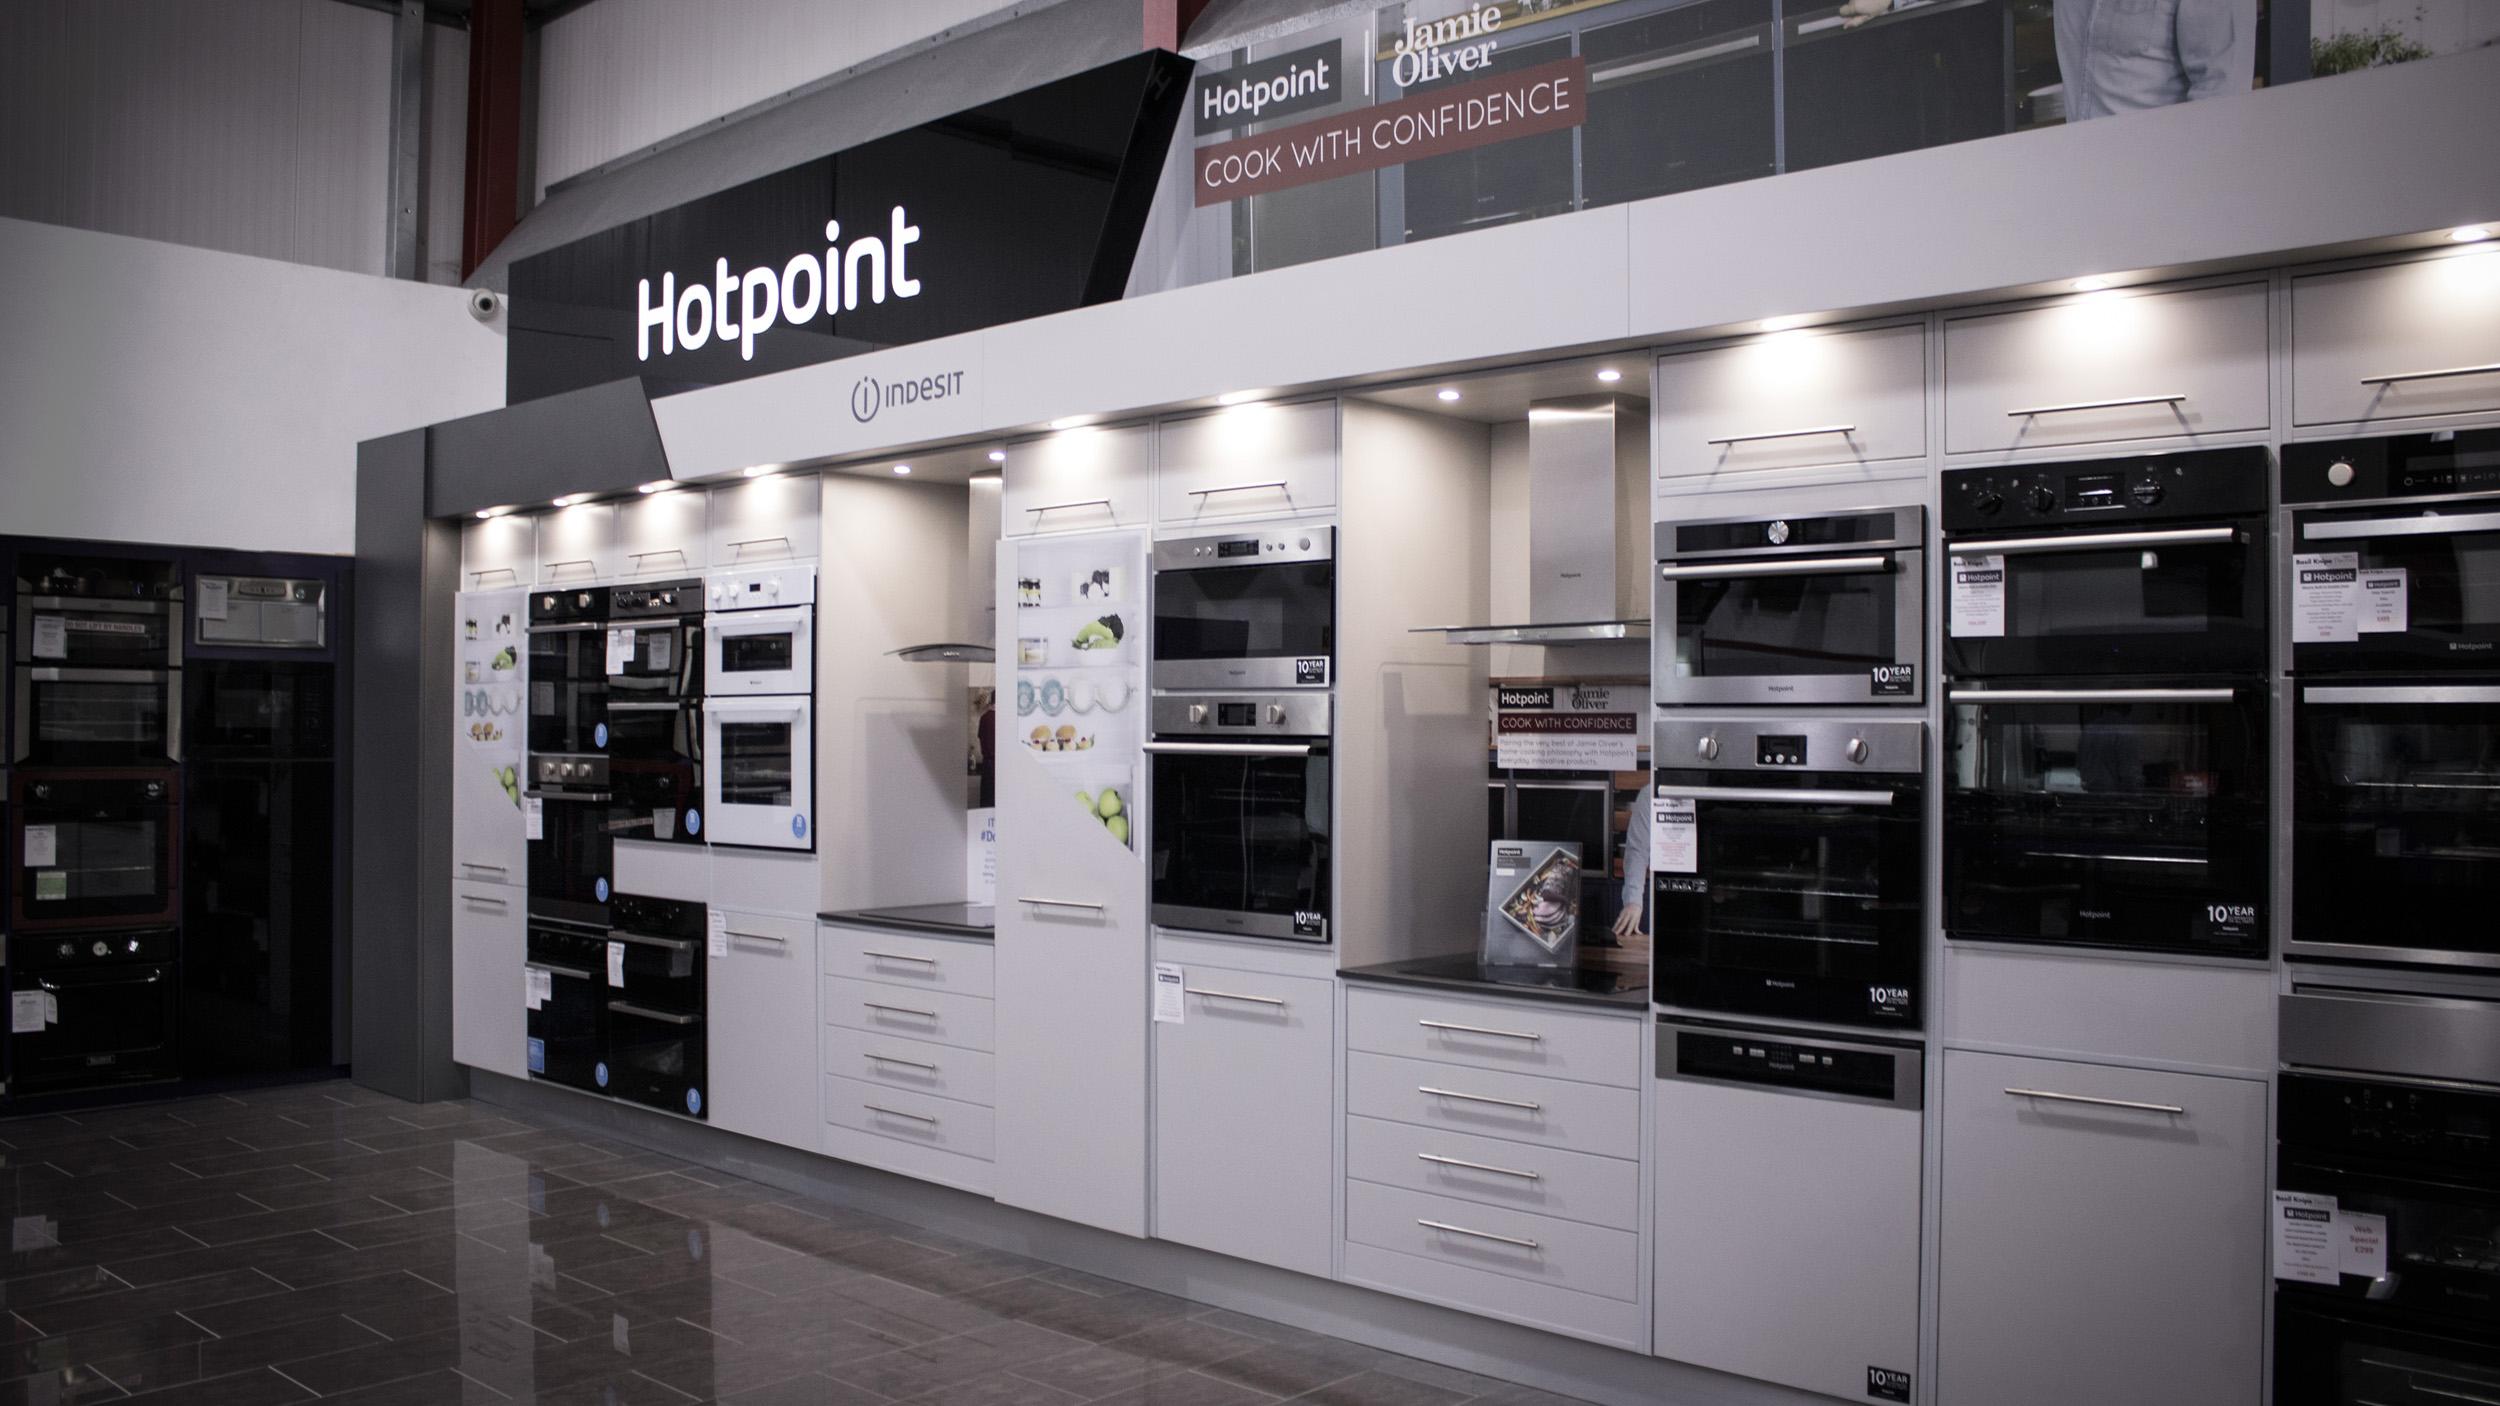 Hotpoint UK headline image